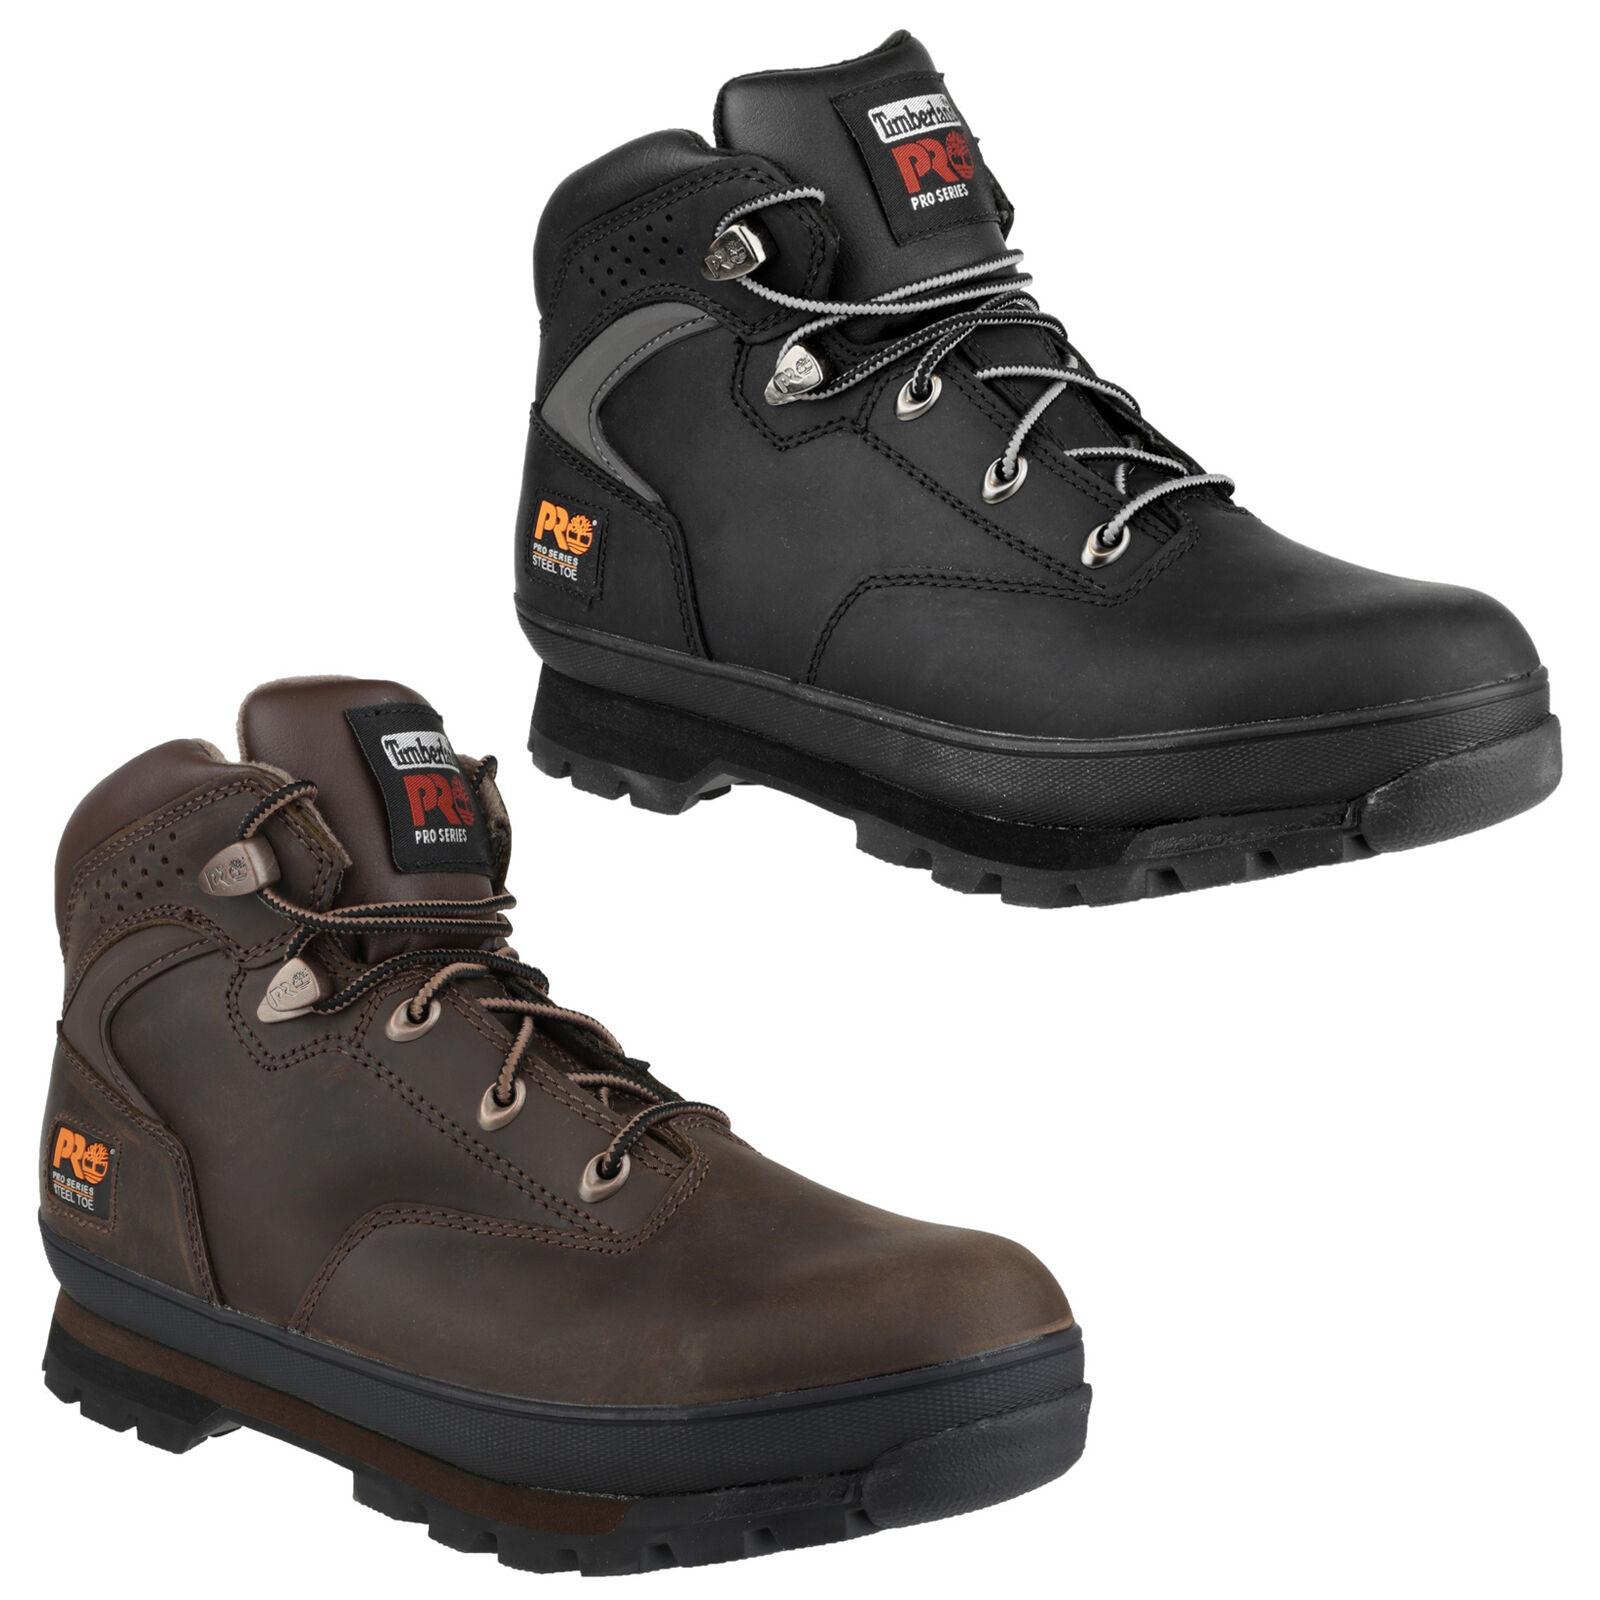 Détails sur Timberland Pro Euro randonneur sécurité homme bottes en cuir acier orteil embout chaussures UK6 12 afficher le titre d'origine